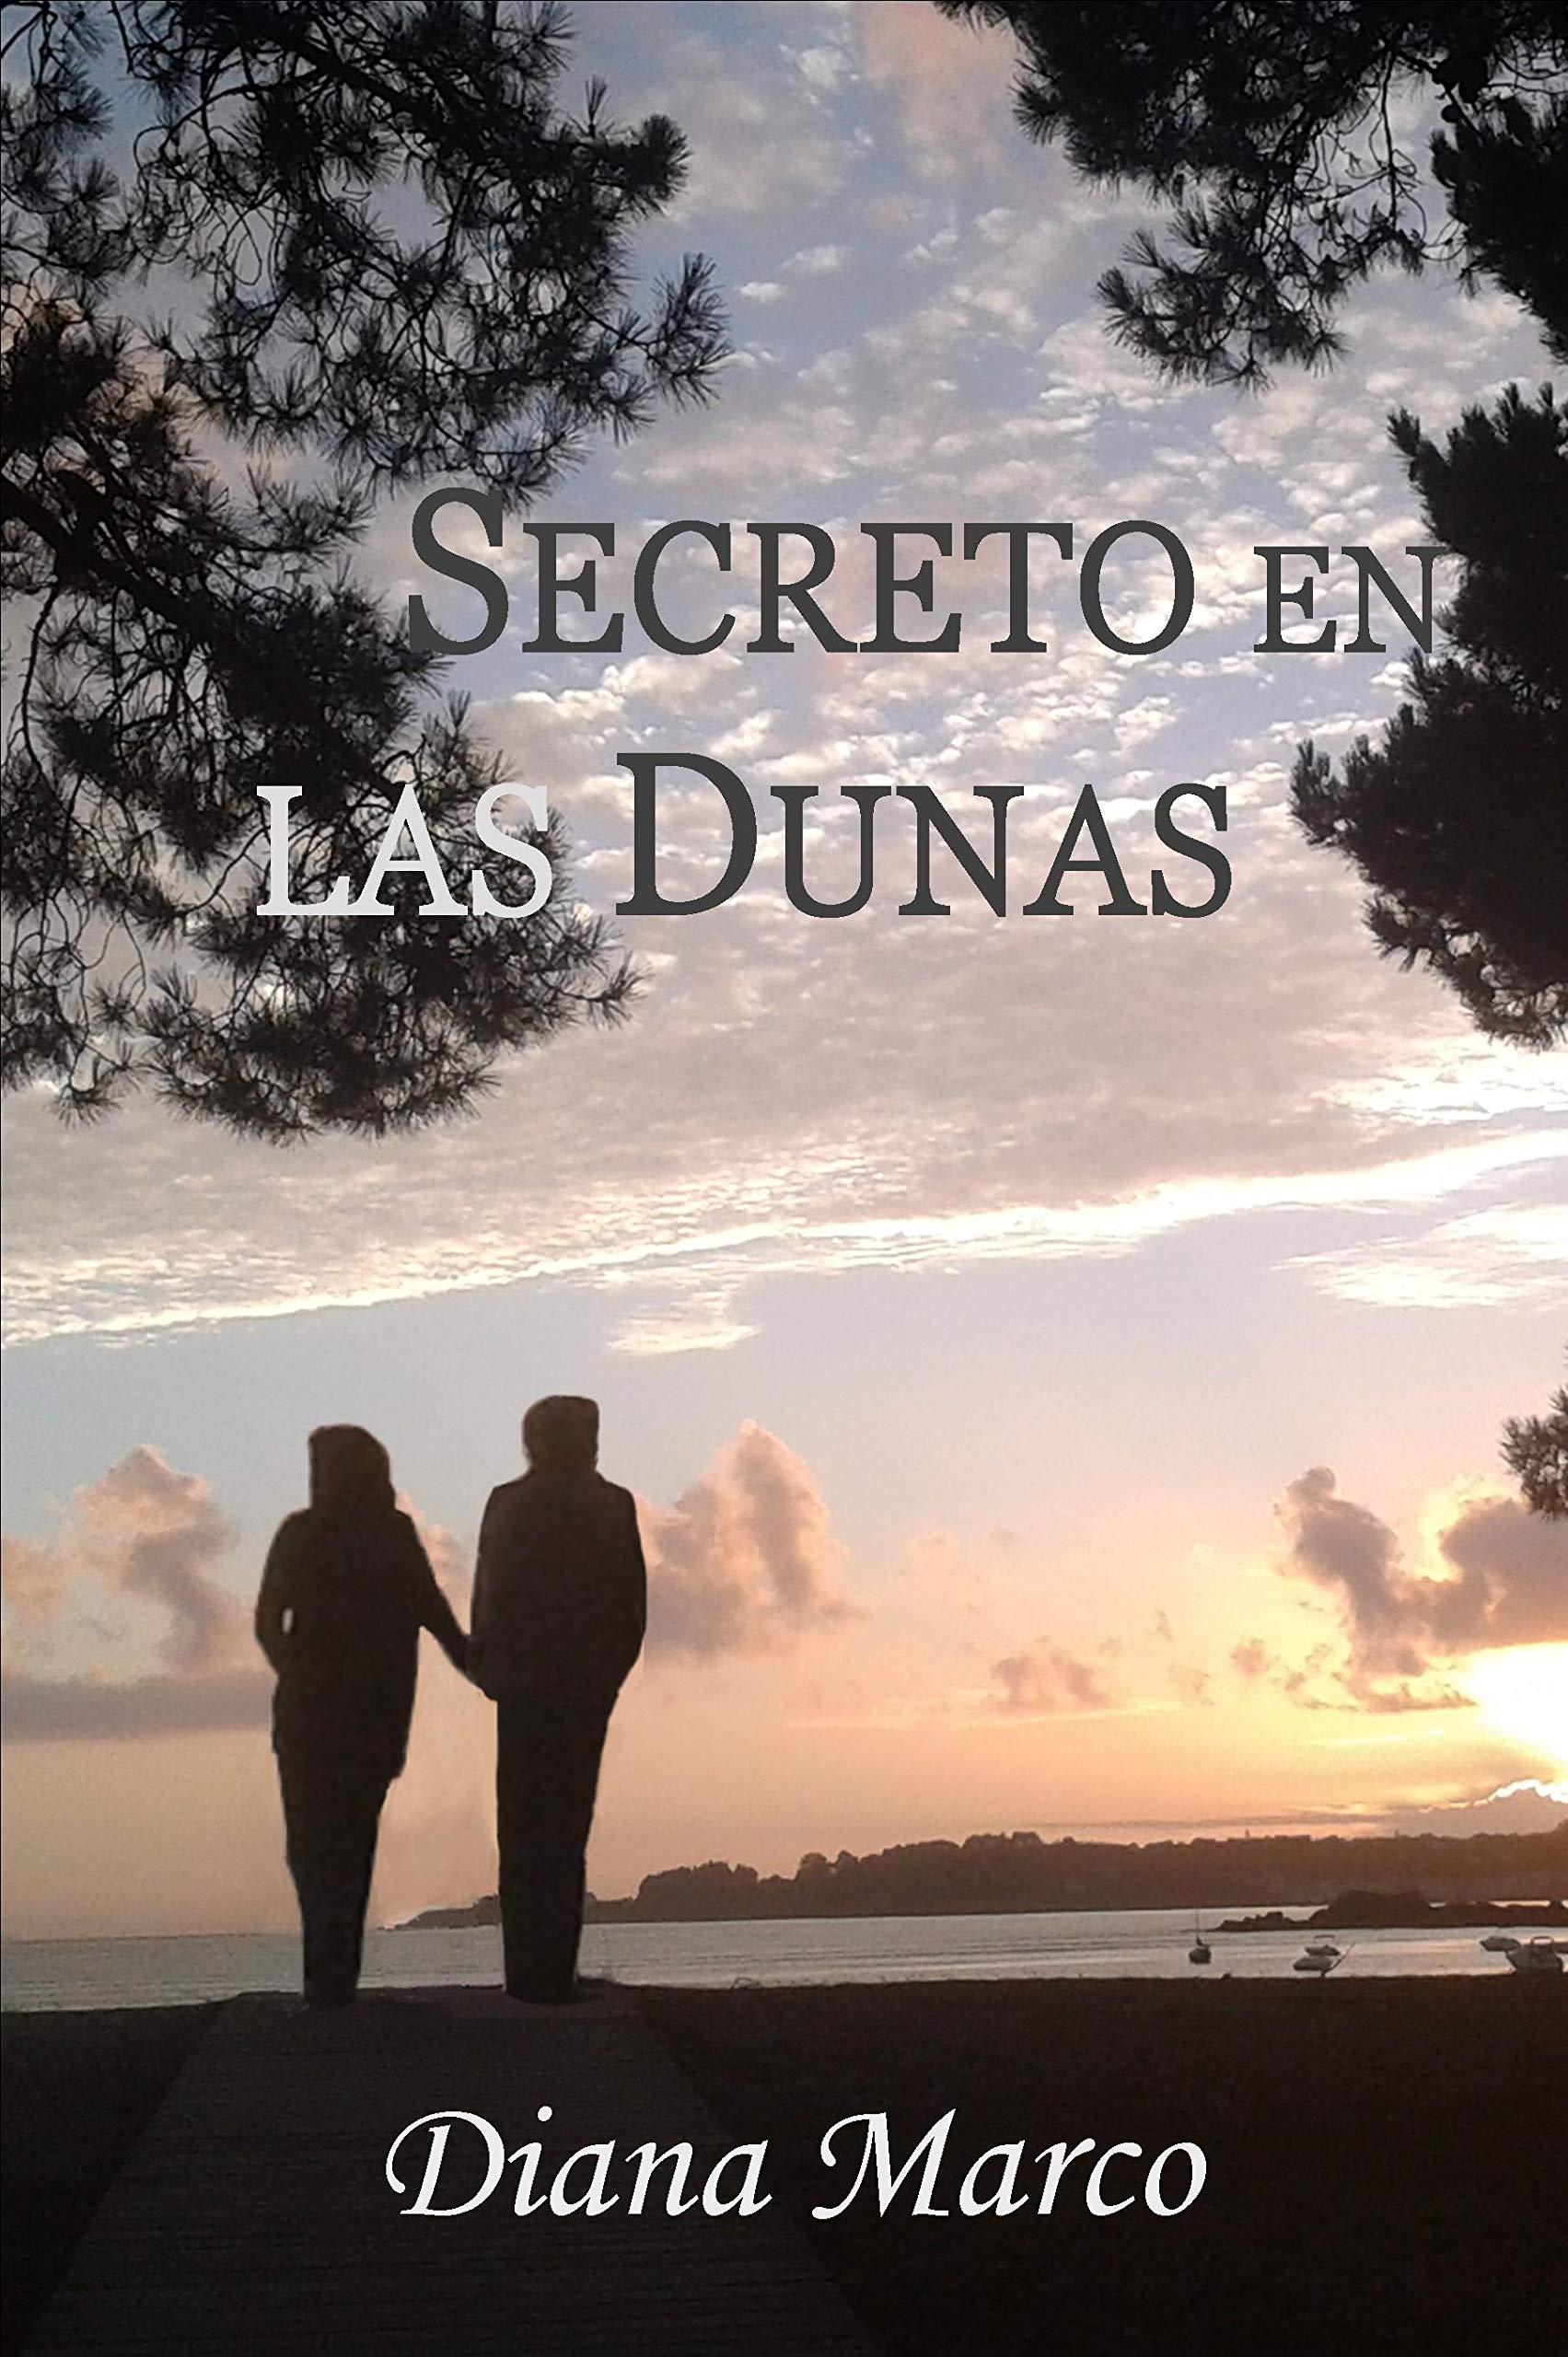 Secreto en las dunas